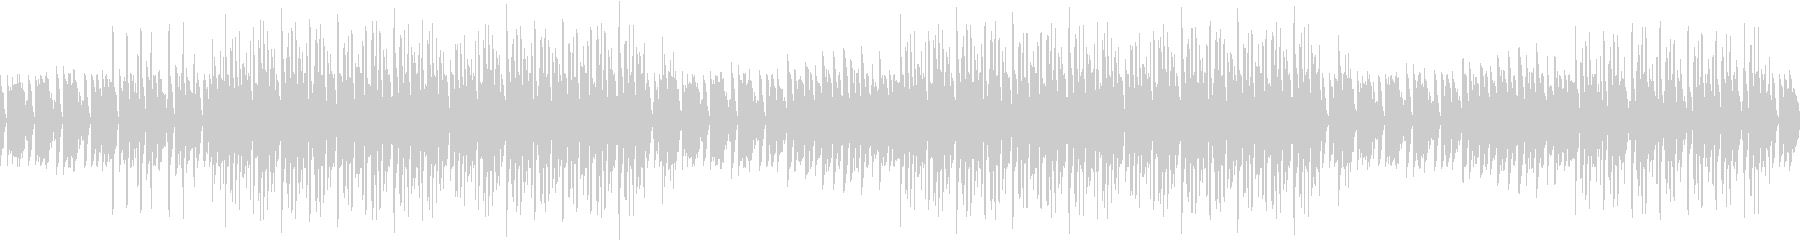 エンディング・ピアノ・ヒップホップ・夜の未再生の波形